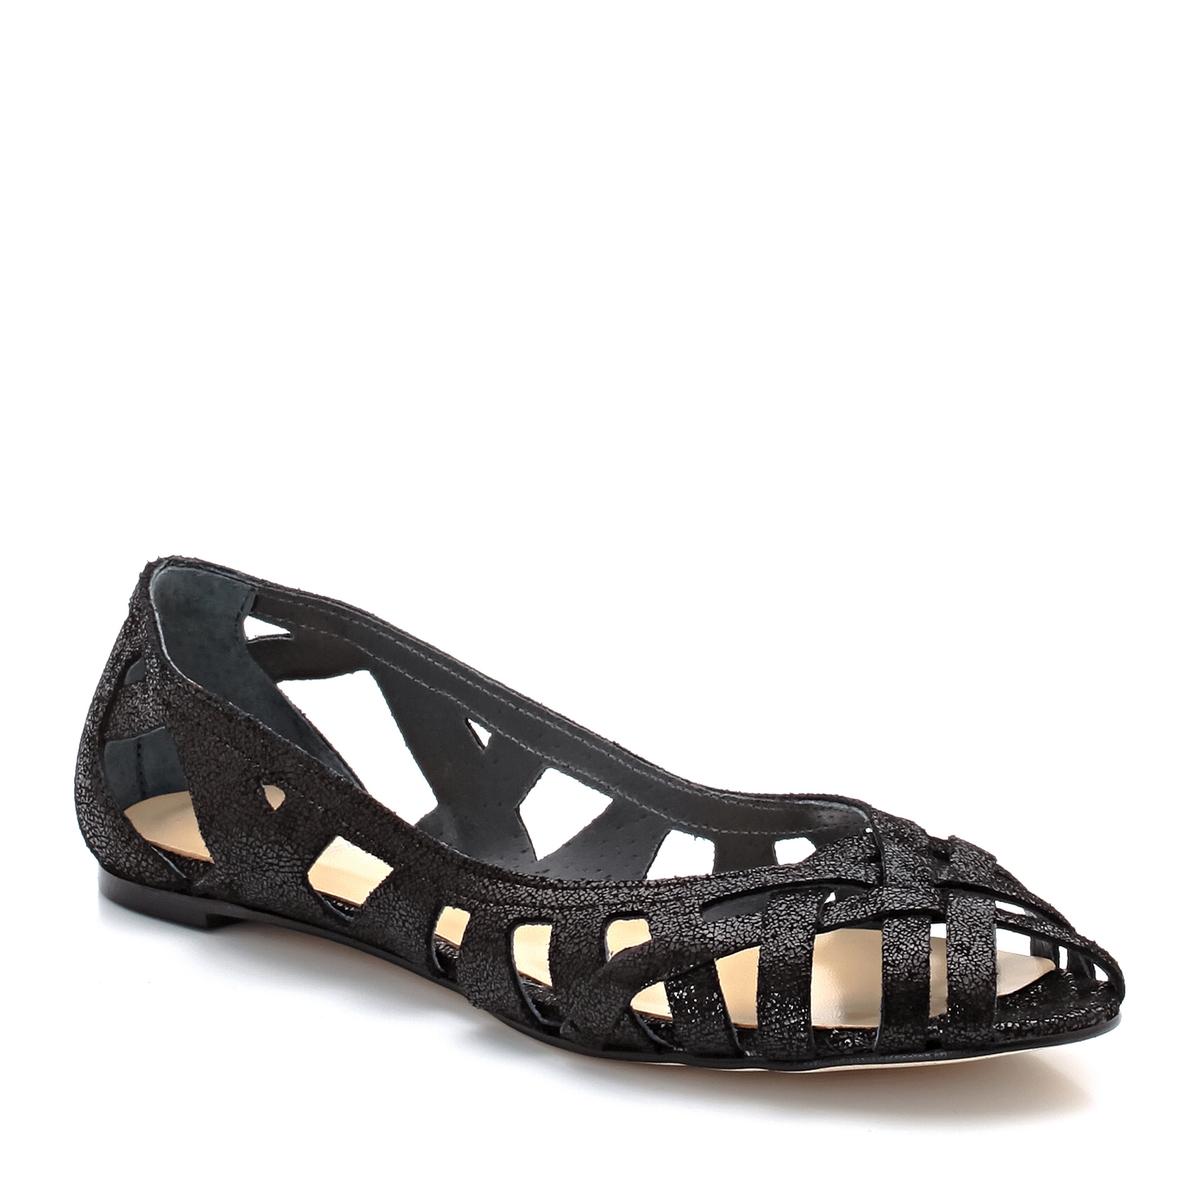 Балетки из ажурной кожи DerayВерх : Кожа.   Подкладка : Кожа.   Стелька : Кожа.   Подошва : эластомер   Форма каблука : плоский каблук   Носок : закругленный   Застежка : без застежки<br><br>Цвет: черный<br>Размер: 41